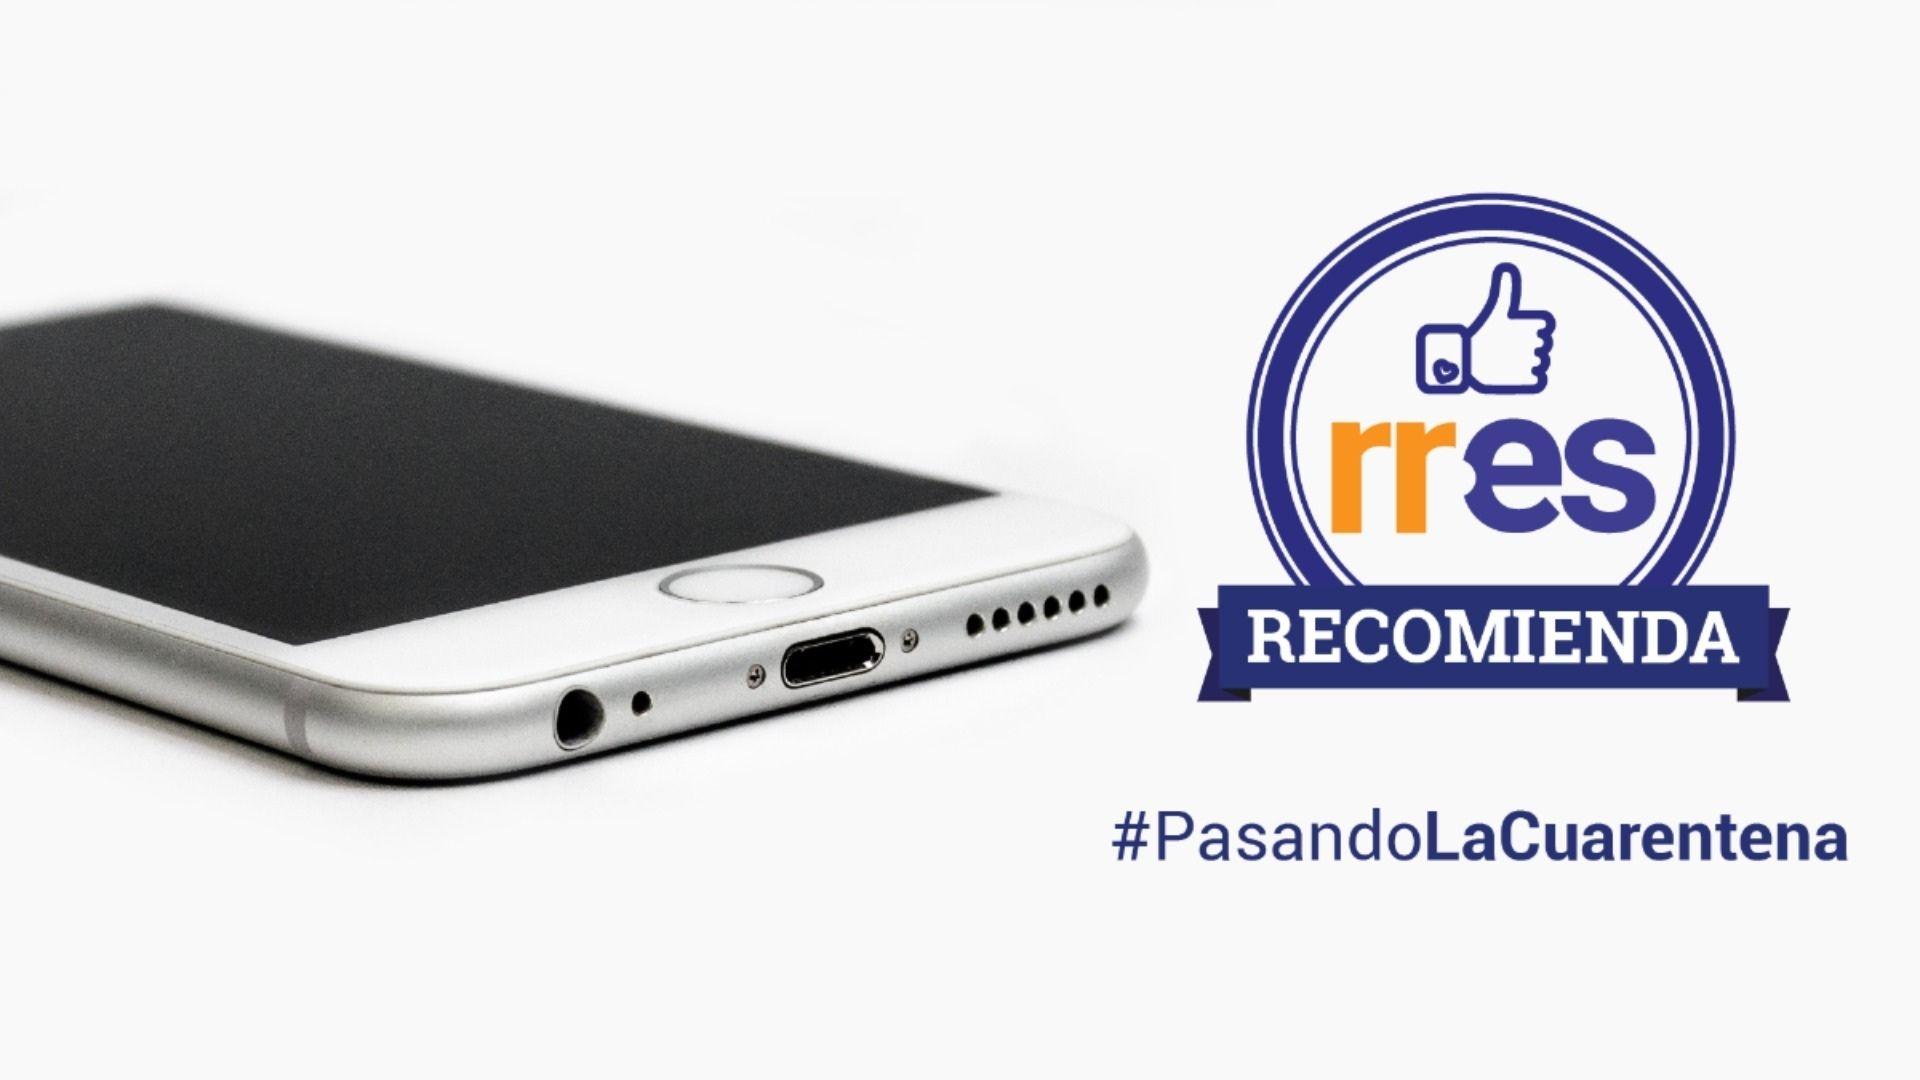 #PasandoLaCuarentena   Tendencias Digitales presentará resultados de su estudio sobre el comportamiento de los consumidores